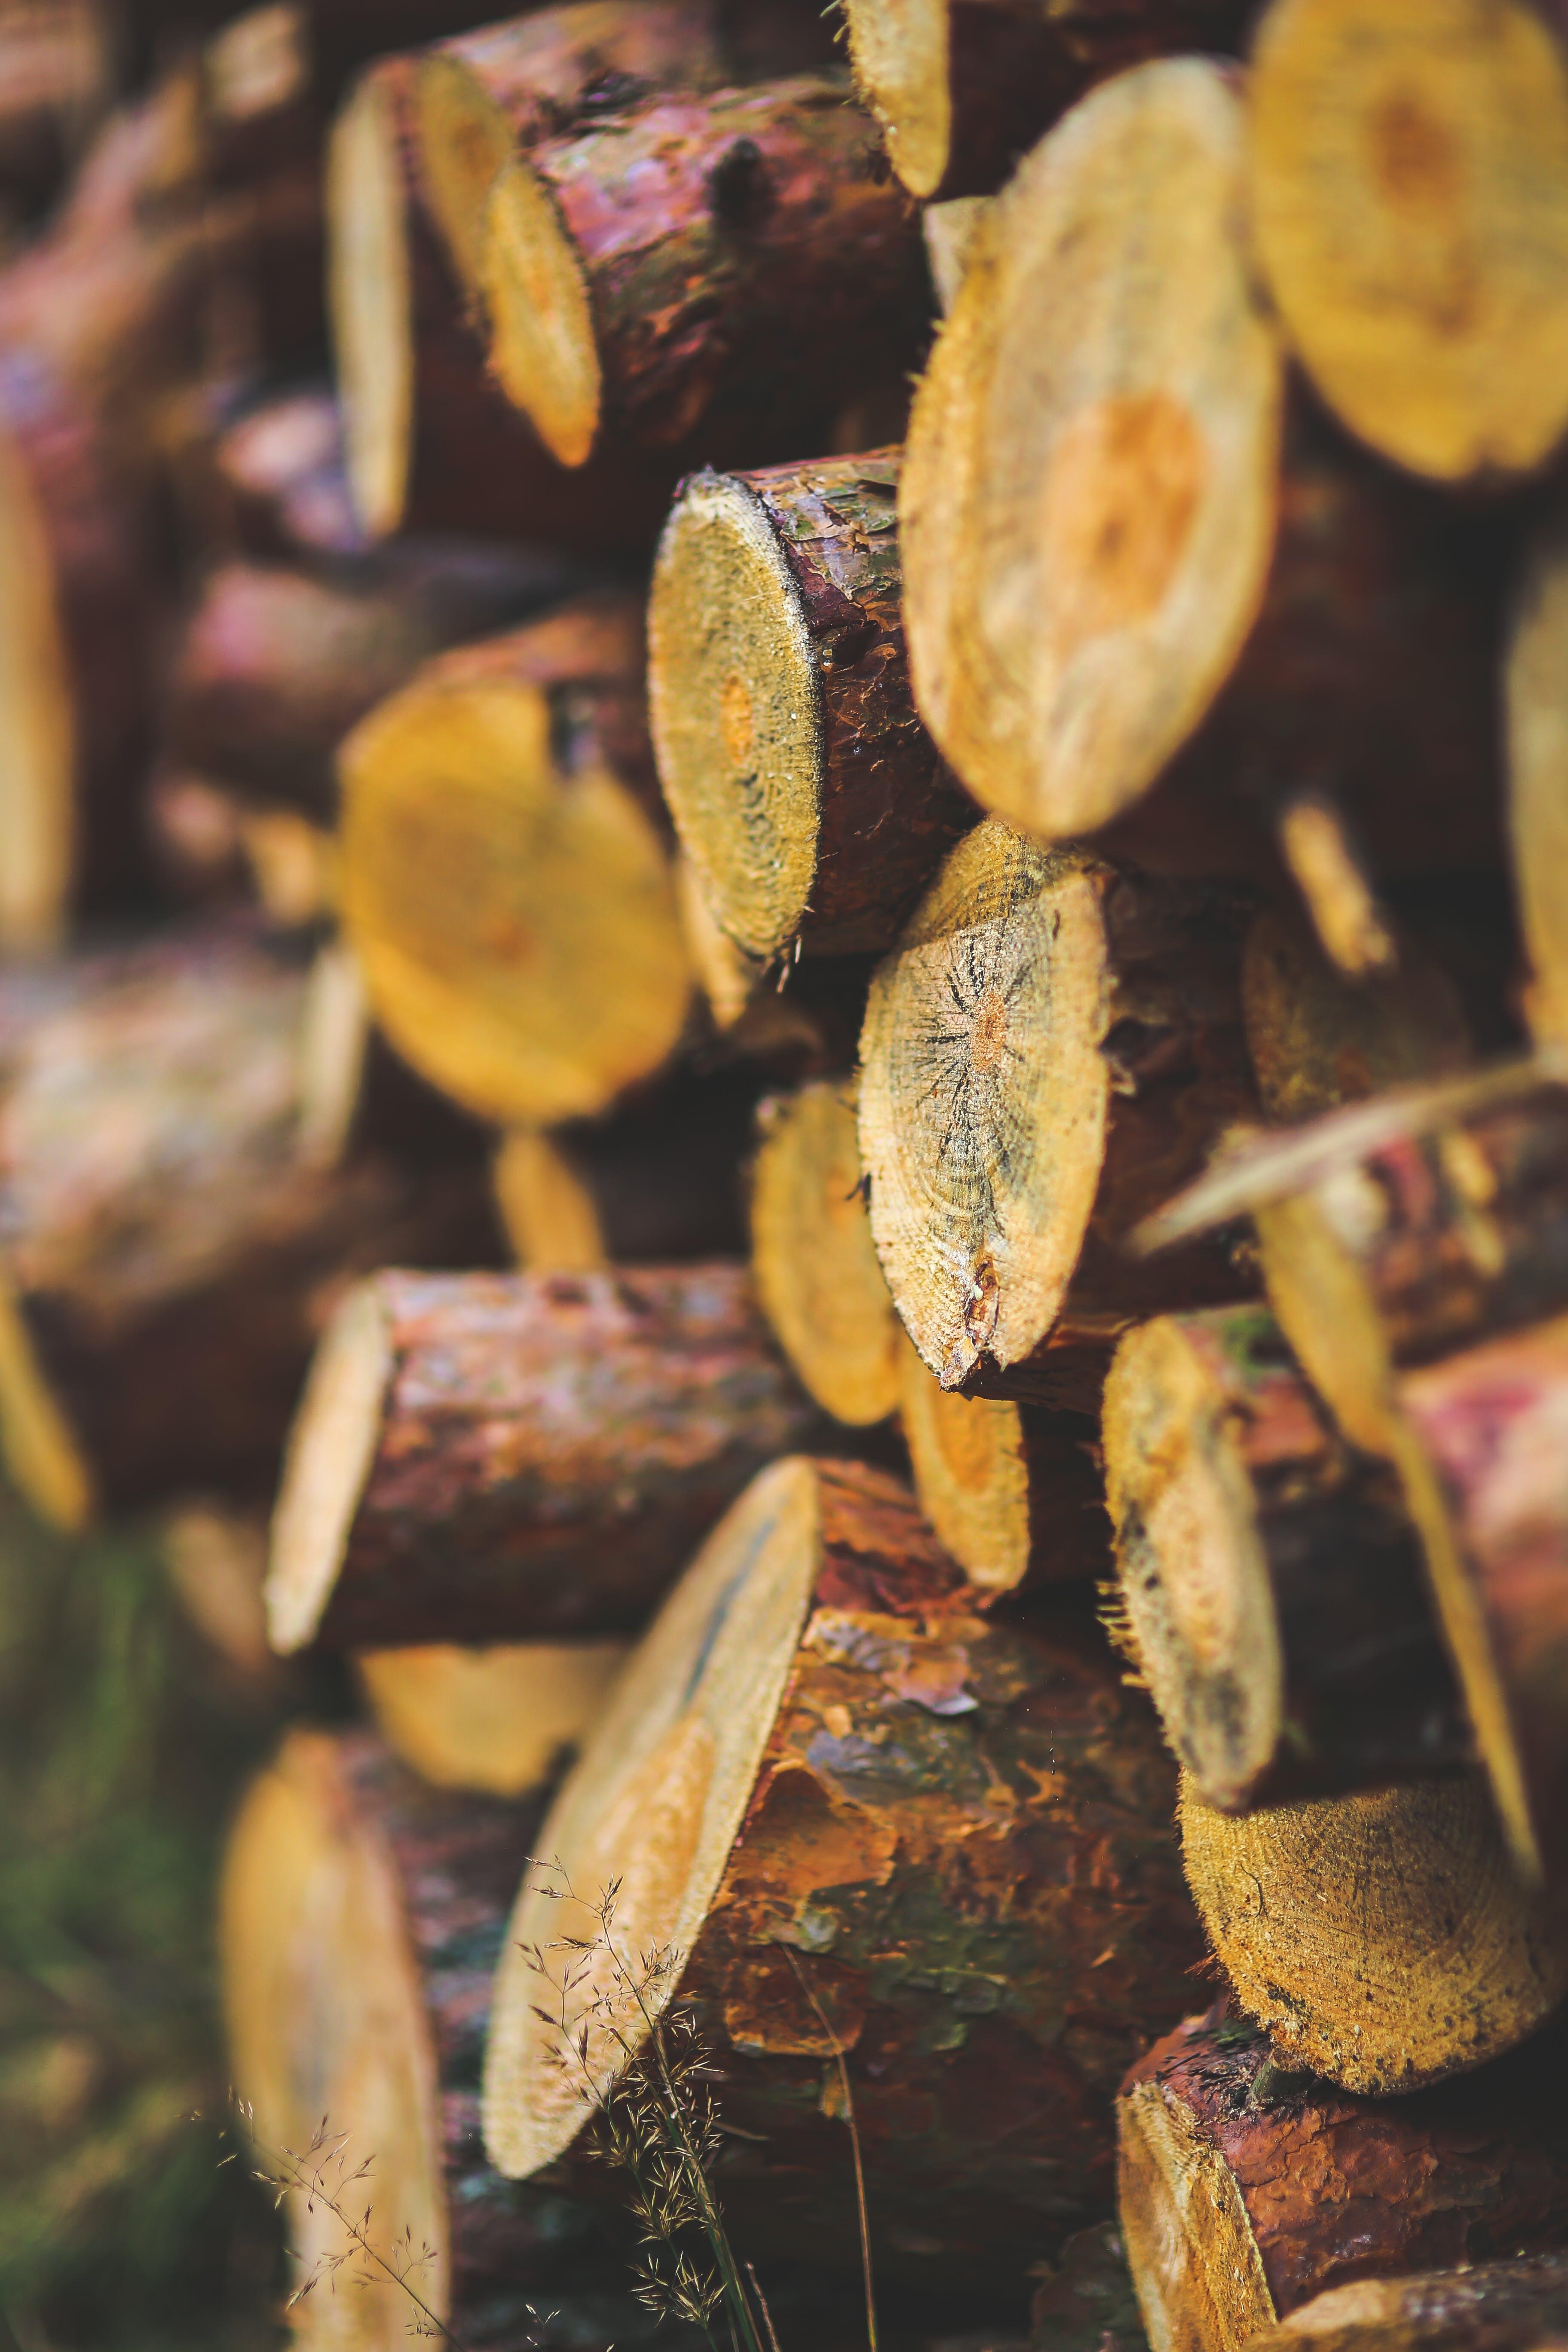 Kostenloses Stock Foto zu baum, essen, flora, frucht